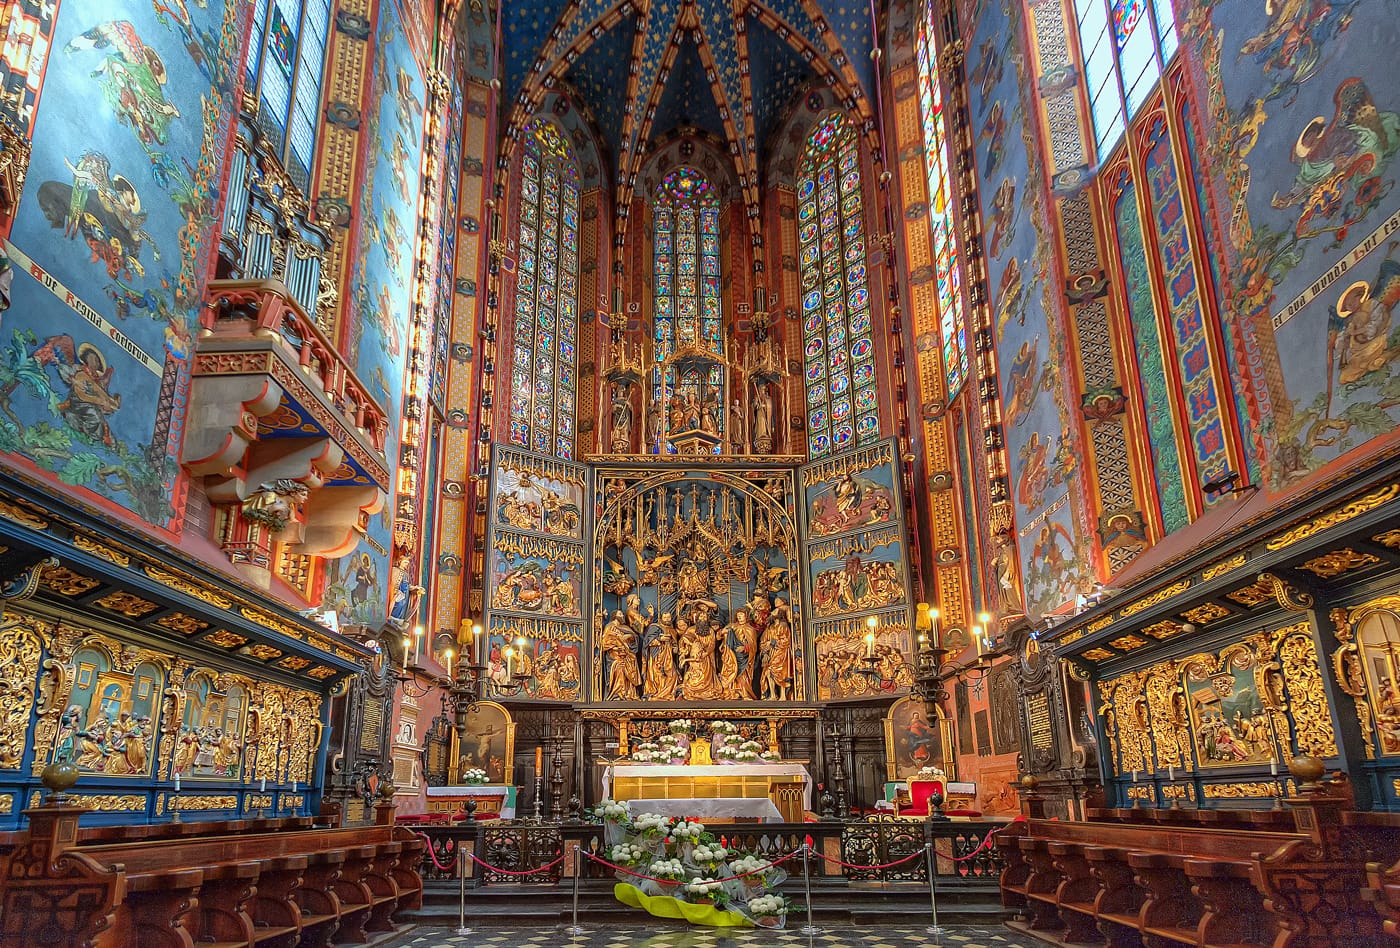 Altaarstuk van Veit Stoss in de St. Mary's Basiliek in Krakau. HDR-foto in de kerk